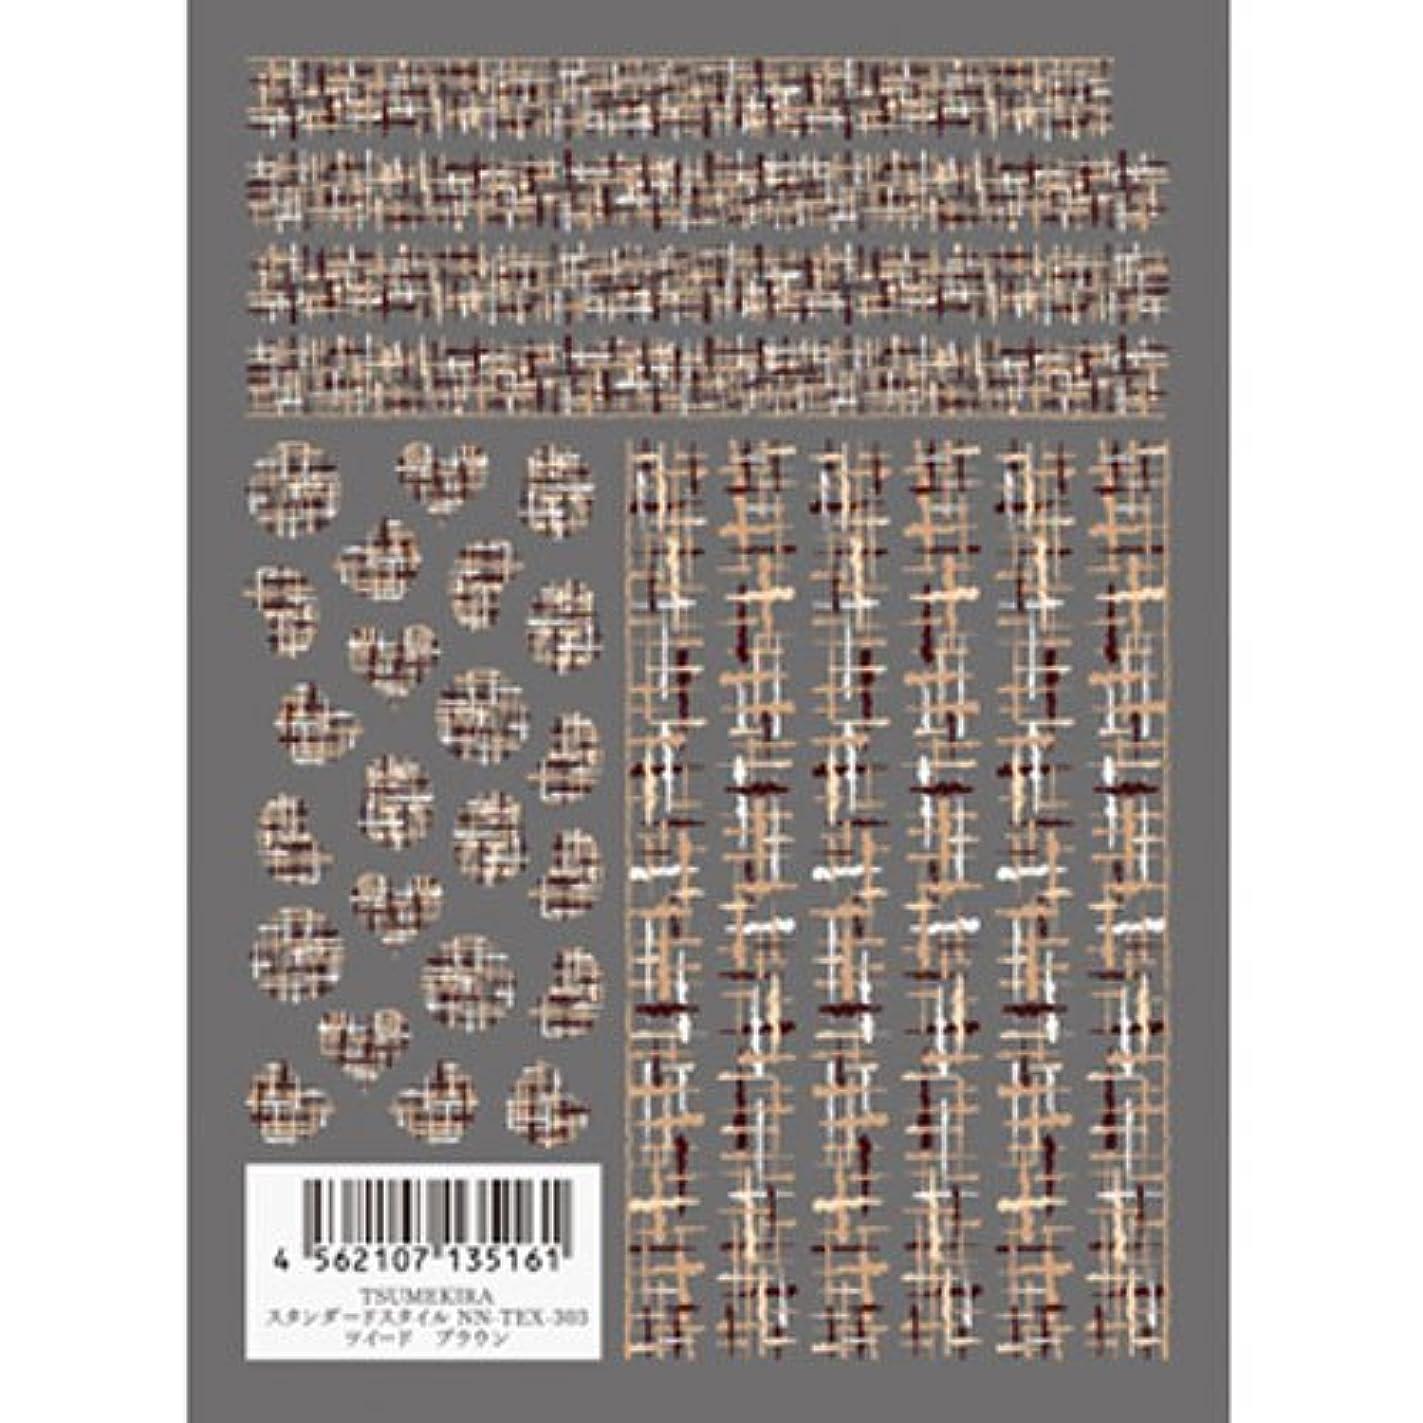 労働コンパイル効能あるTSUMEKIRA(ツメキラ) ネイルシール ツイード ブラウン NN-TEX-303 1枚